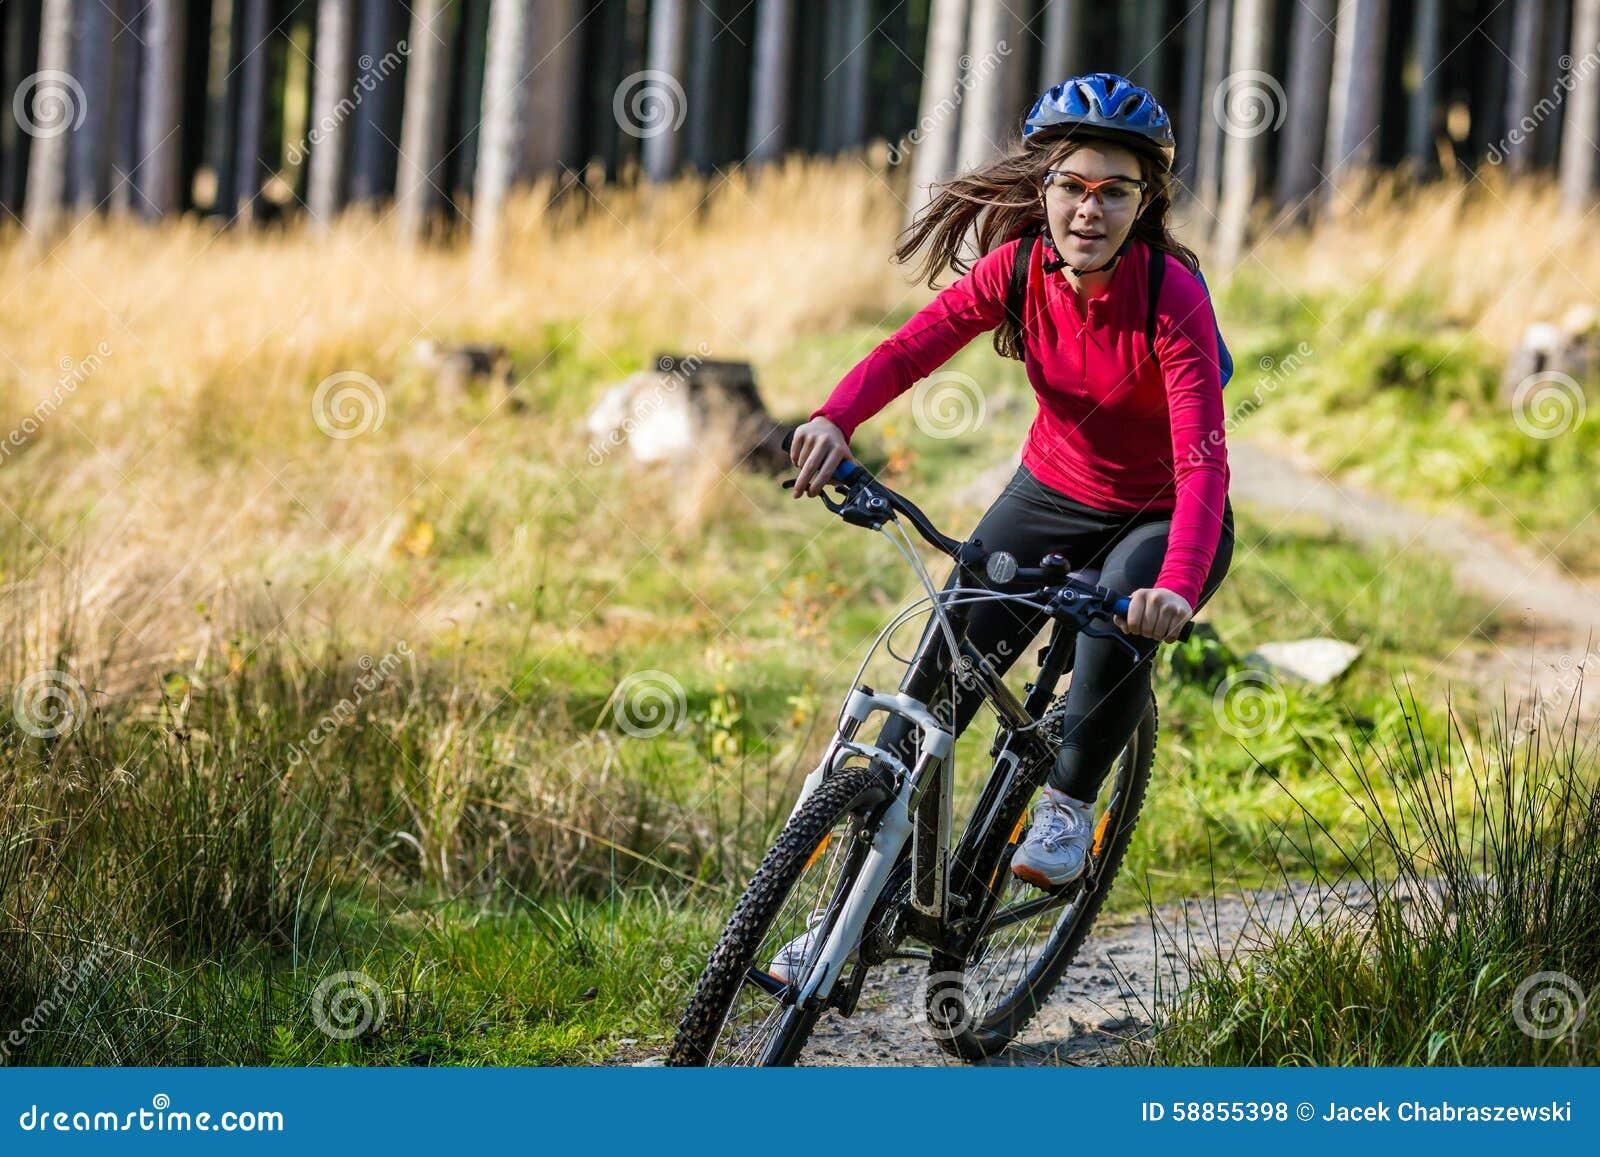 Adolescente faisant du vélo sur des traînées de forêt